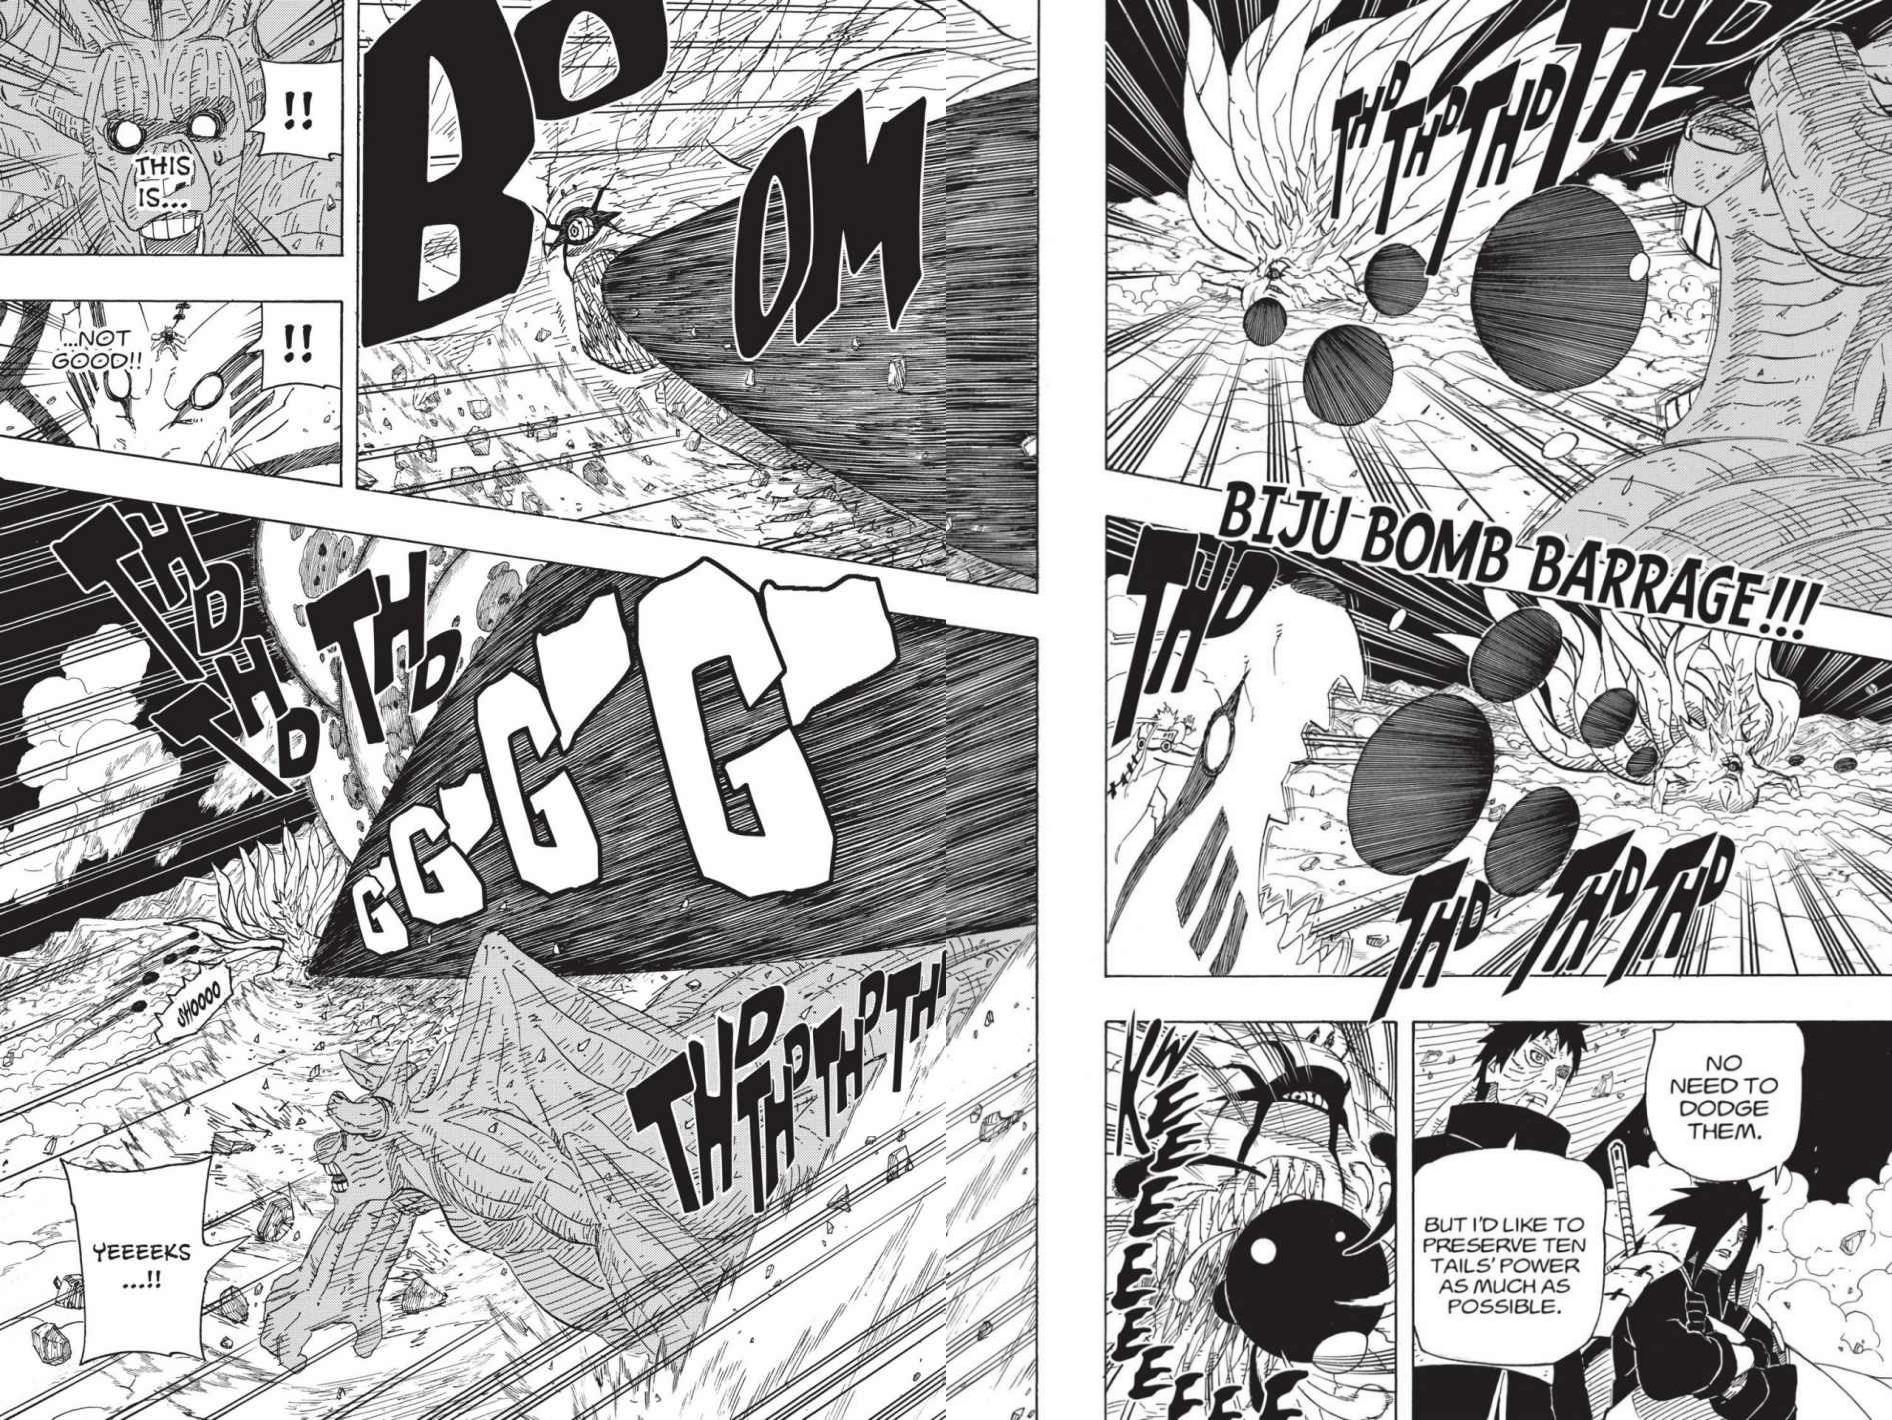 Itachi vs Killer Bee: Destrinchando a luta! - Página 2 0610-010